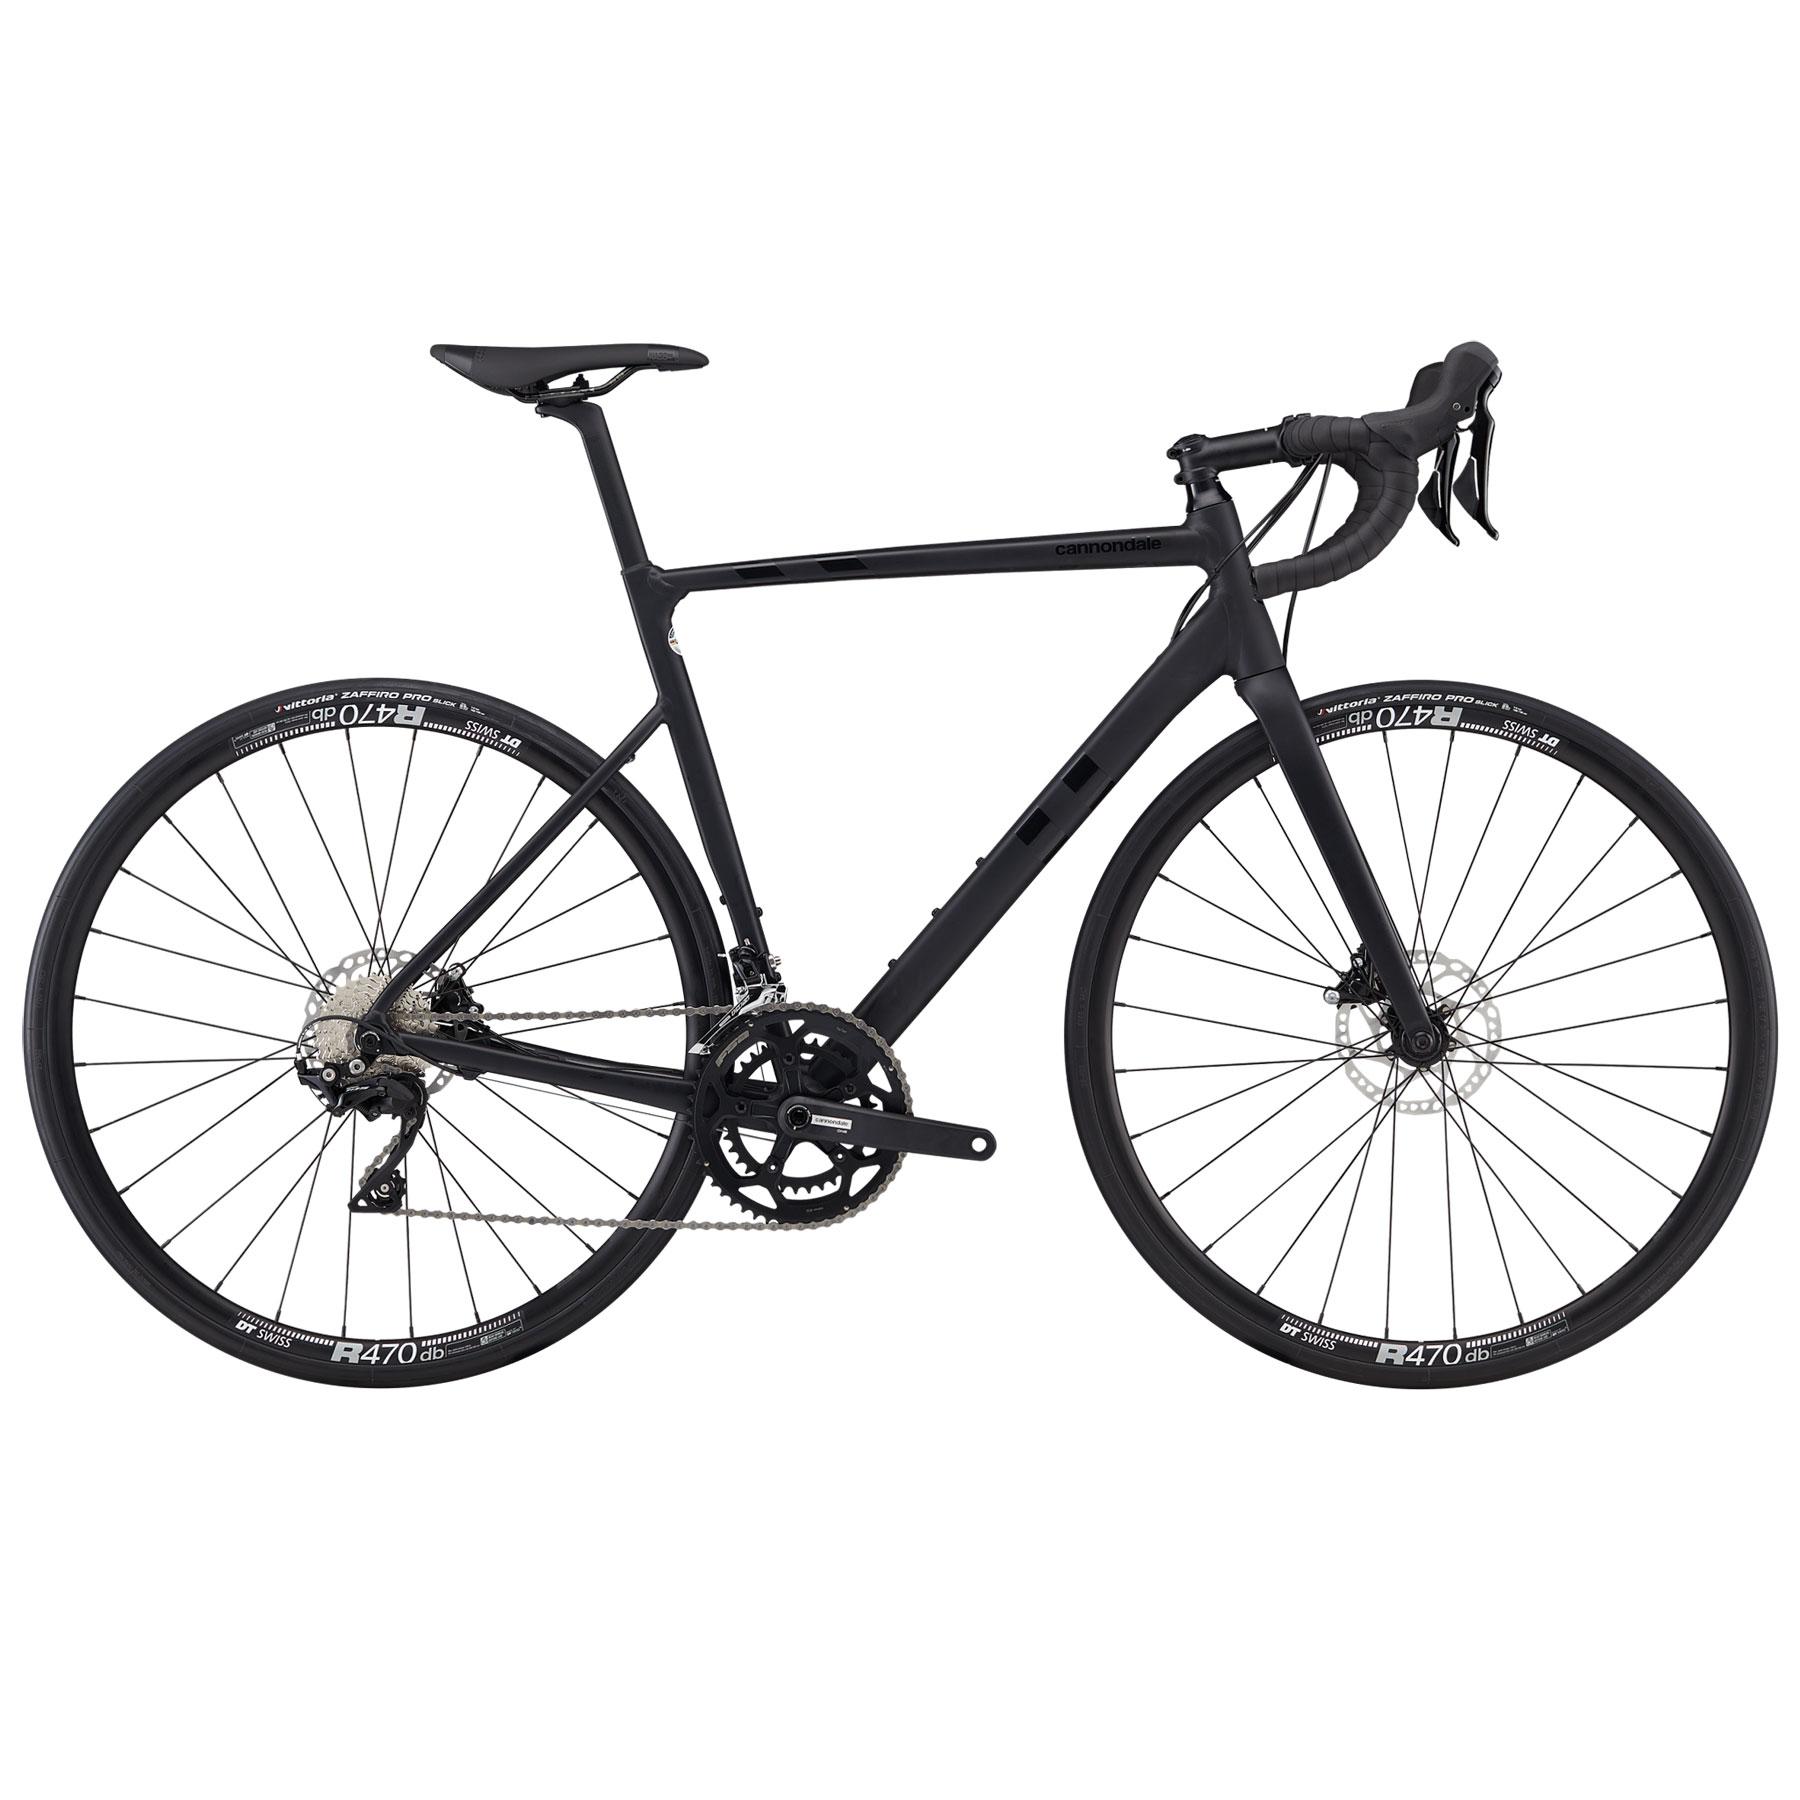 Produktbild von Cannondale CAAD13 DISC - 105 Rennrad - 2021 - matte black